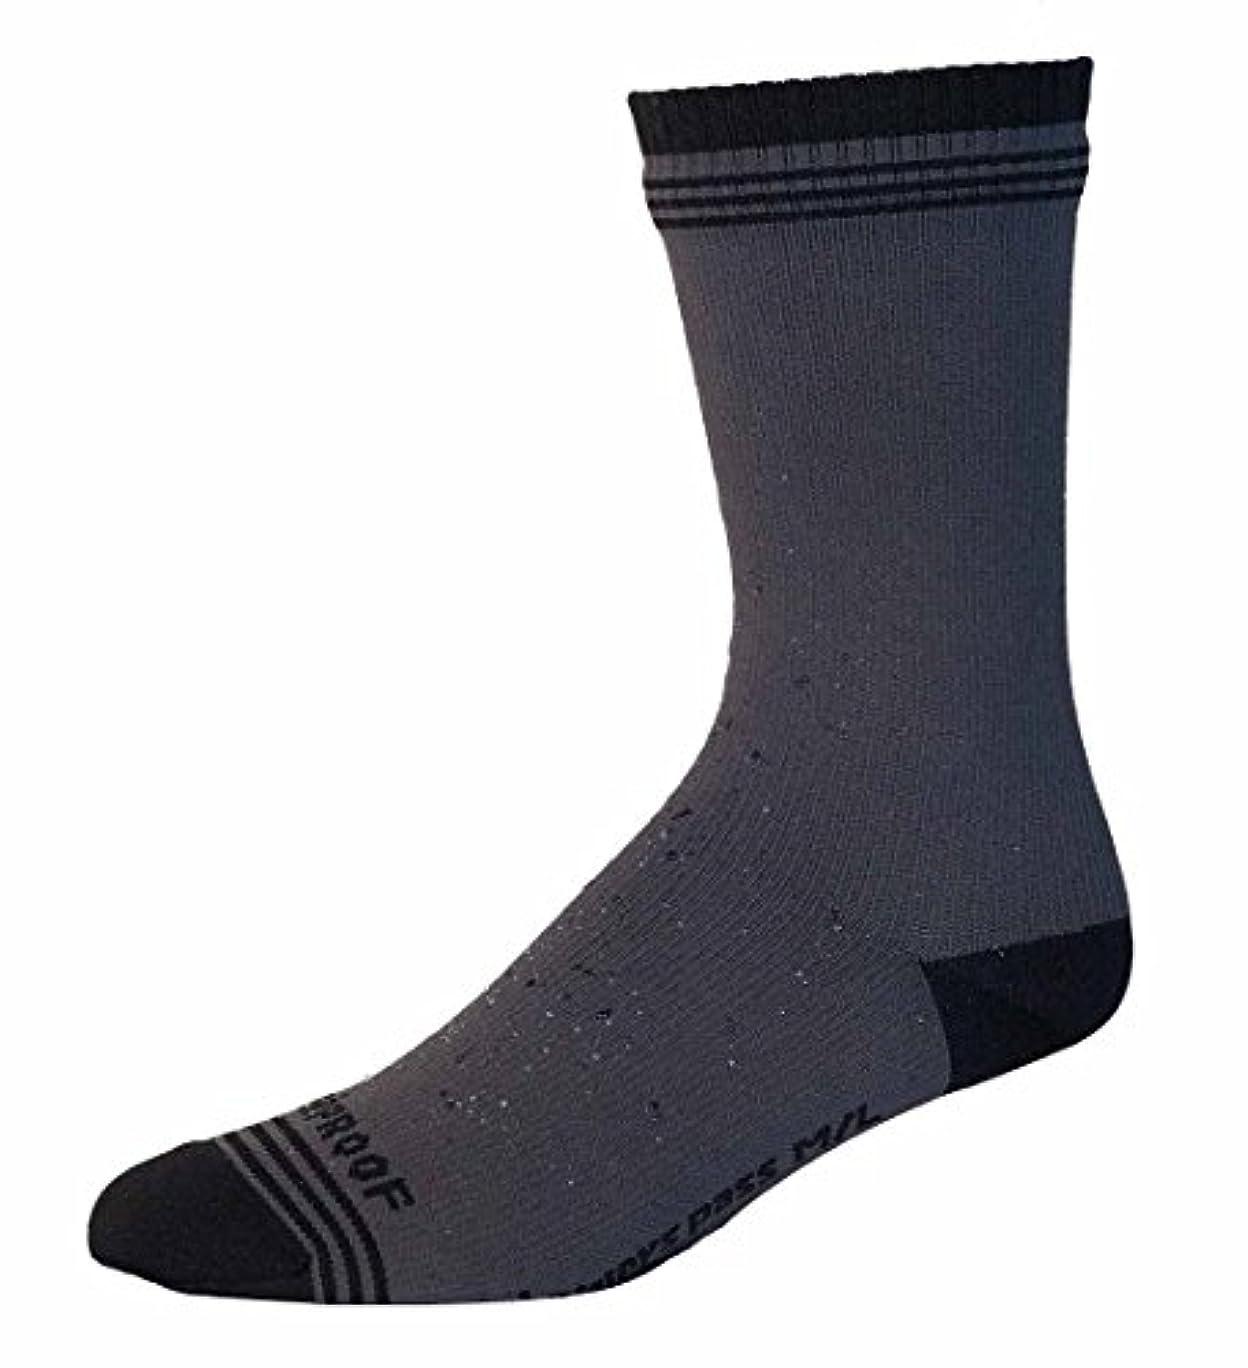 お願いします日焼け矩形Showers Pass ソックス Crosspoint WP Crew Sock Gray/Black M-Lサイズ